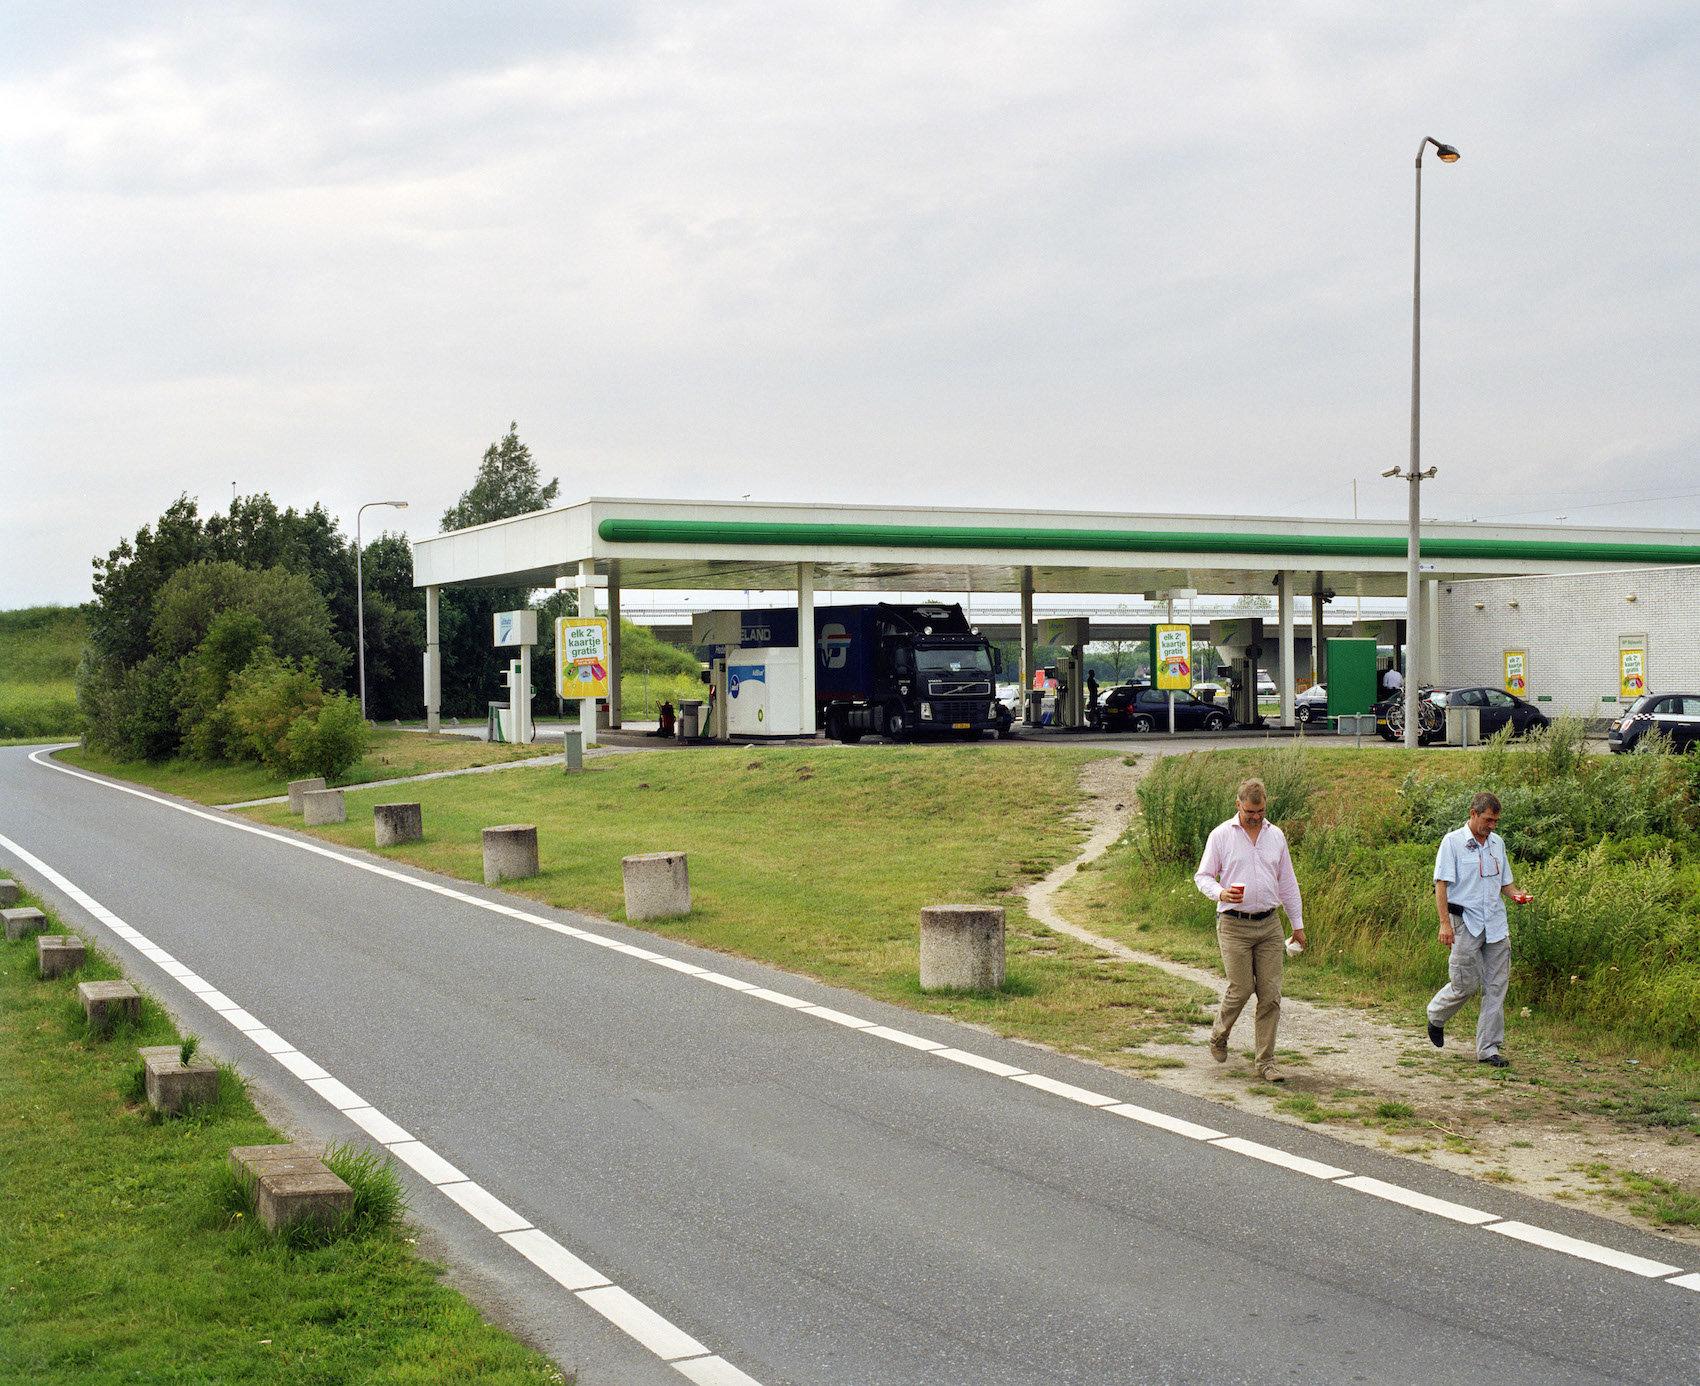 Trampelpfad, der sich neben einer Tankstelle für Fußgänger gebildet hat